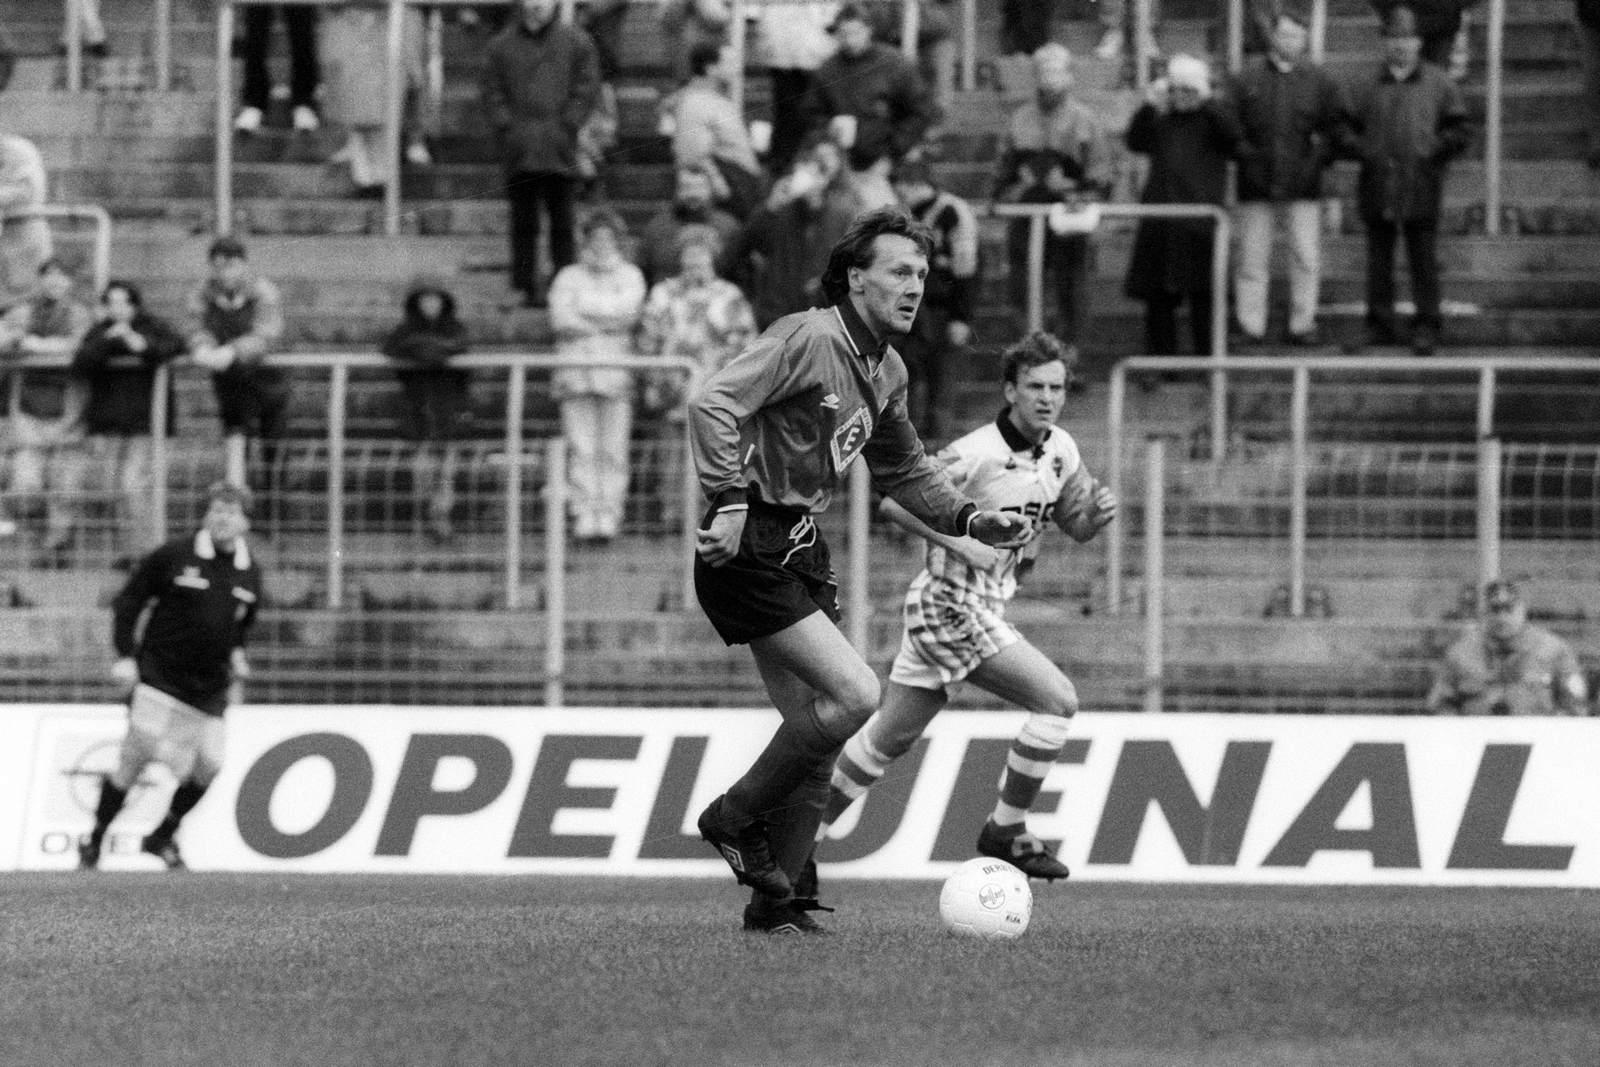 Josef Menke am Ball für Meppen. Jetzt auf die Partie Meppen gegen Chemnitz wetten